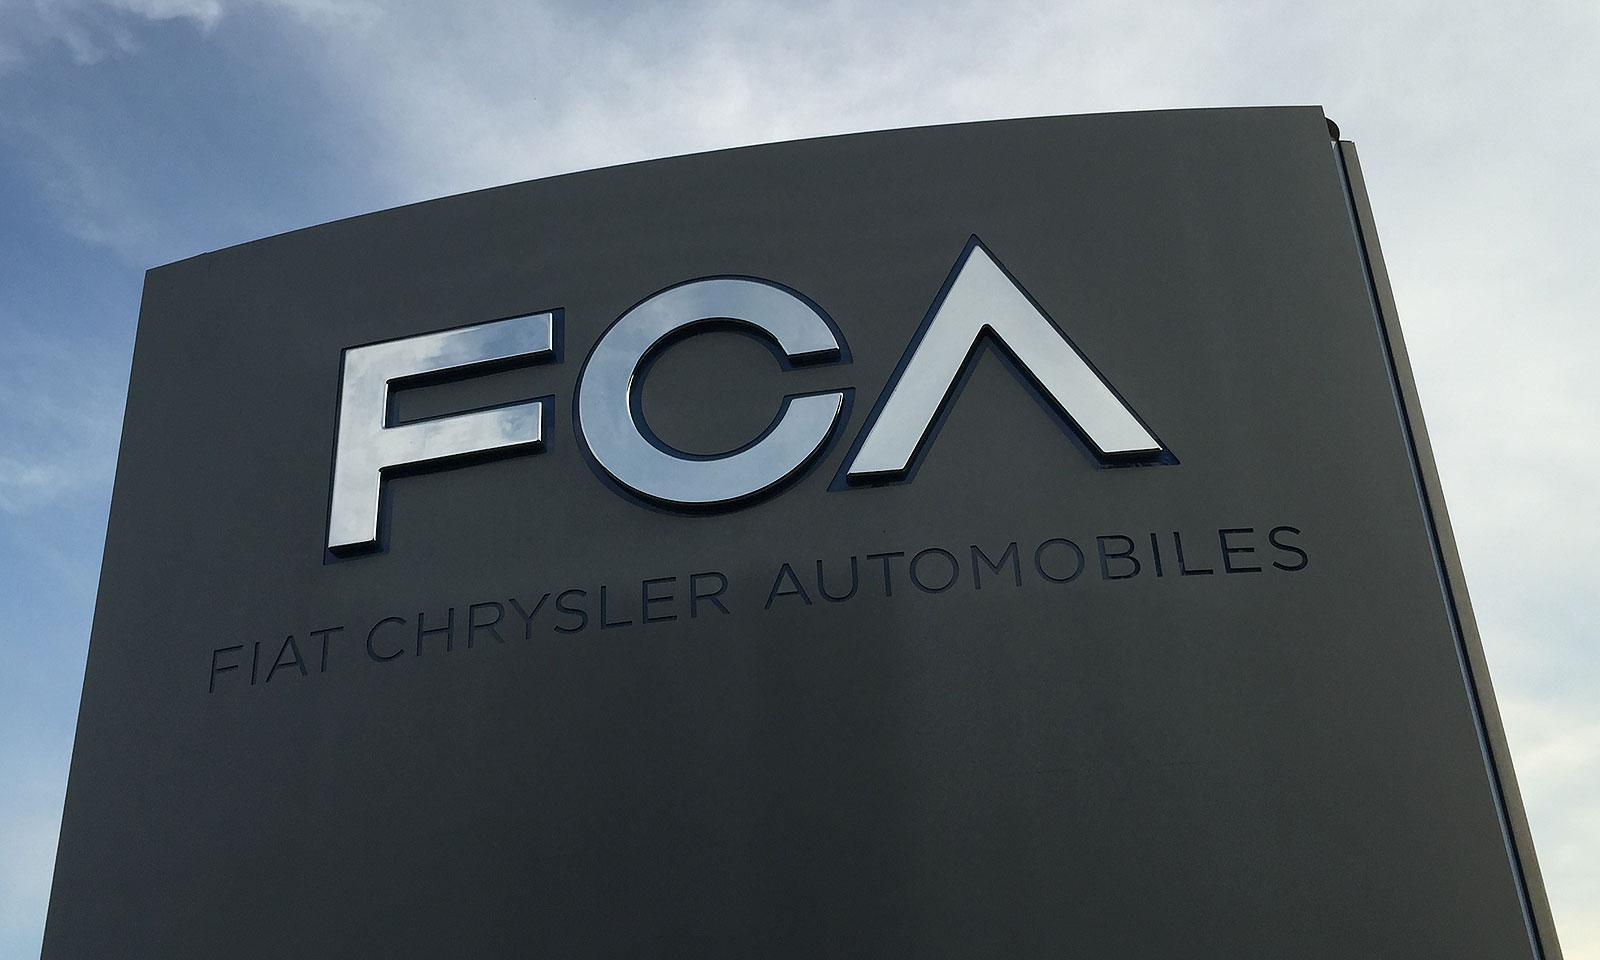 Американец украл у Fiat-Chrysler пластиковых контейнеров на 2 миллиона долларов 1